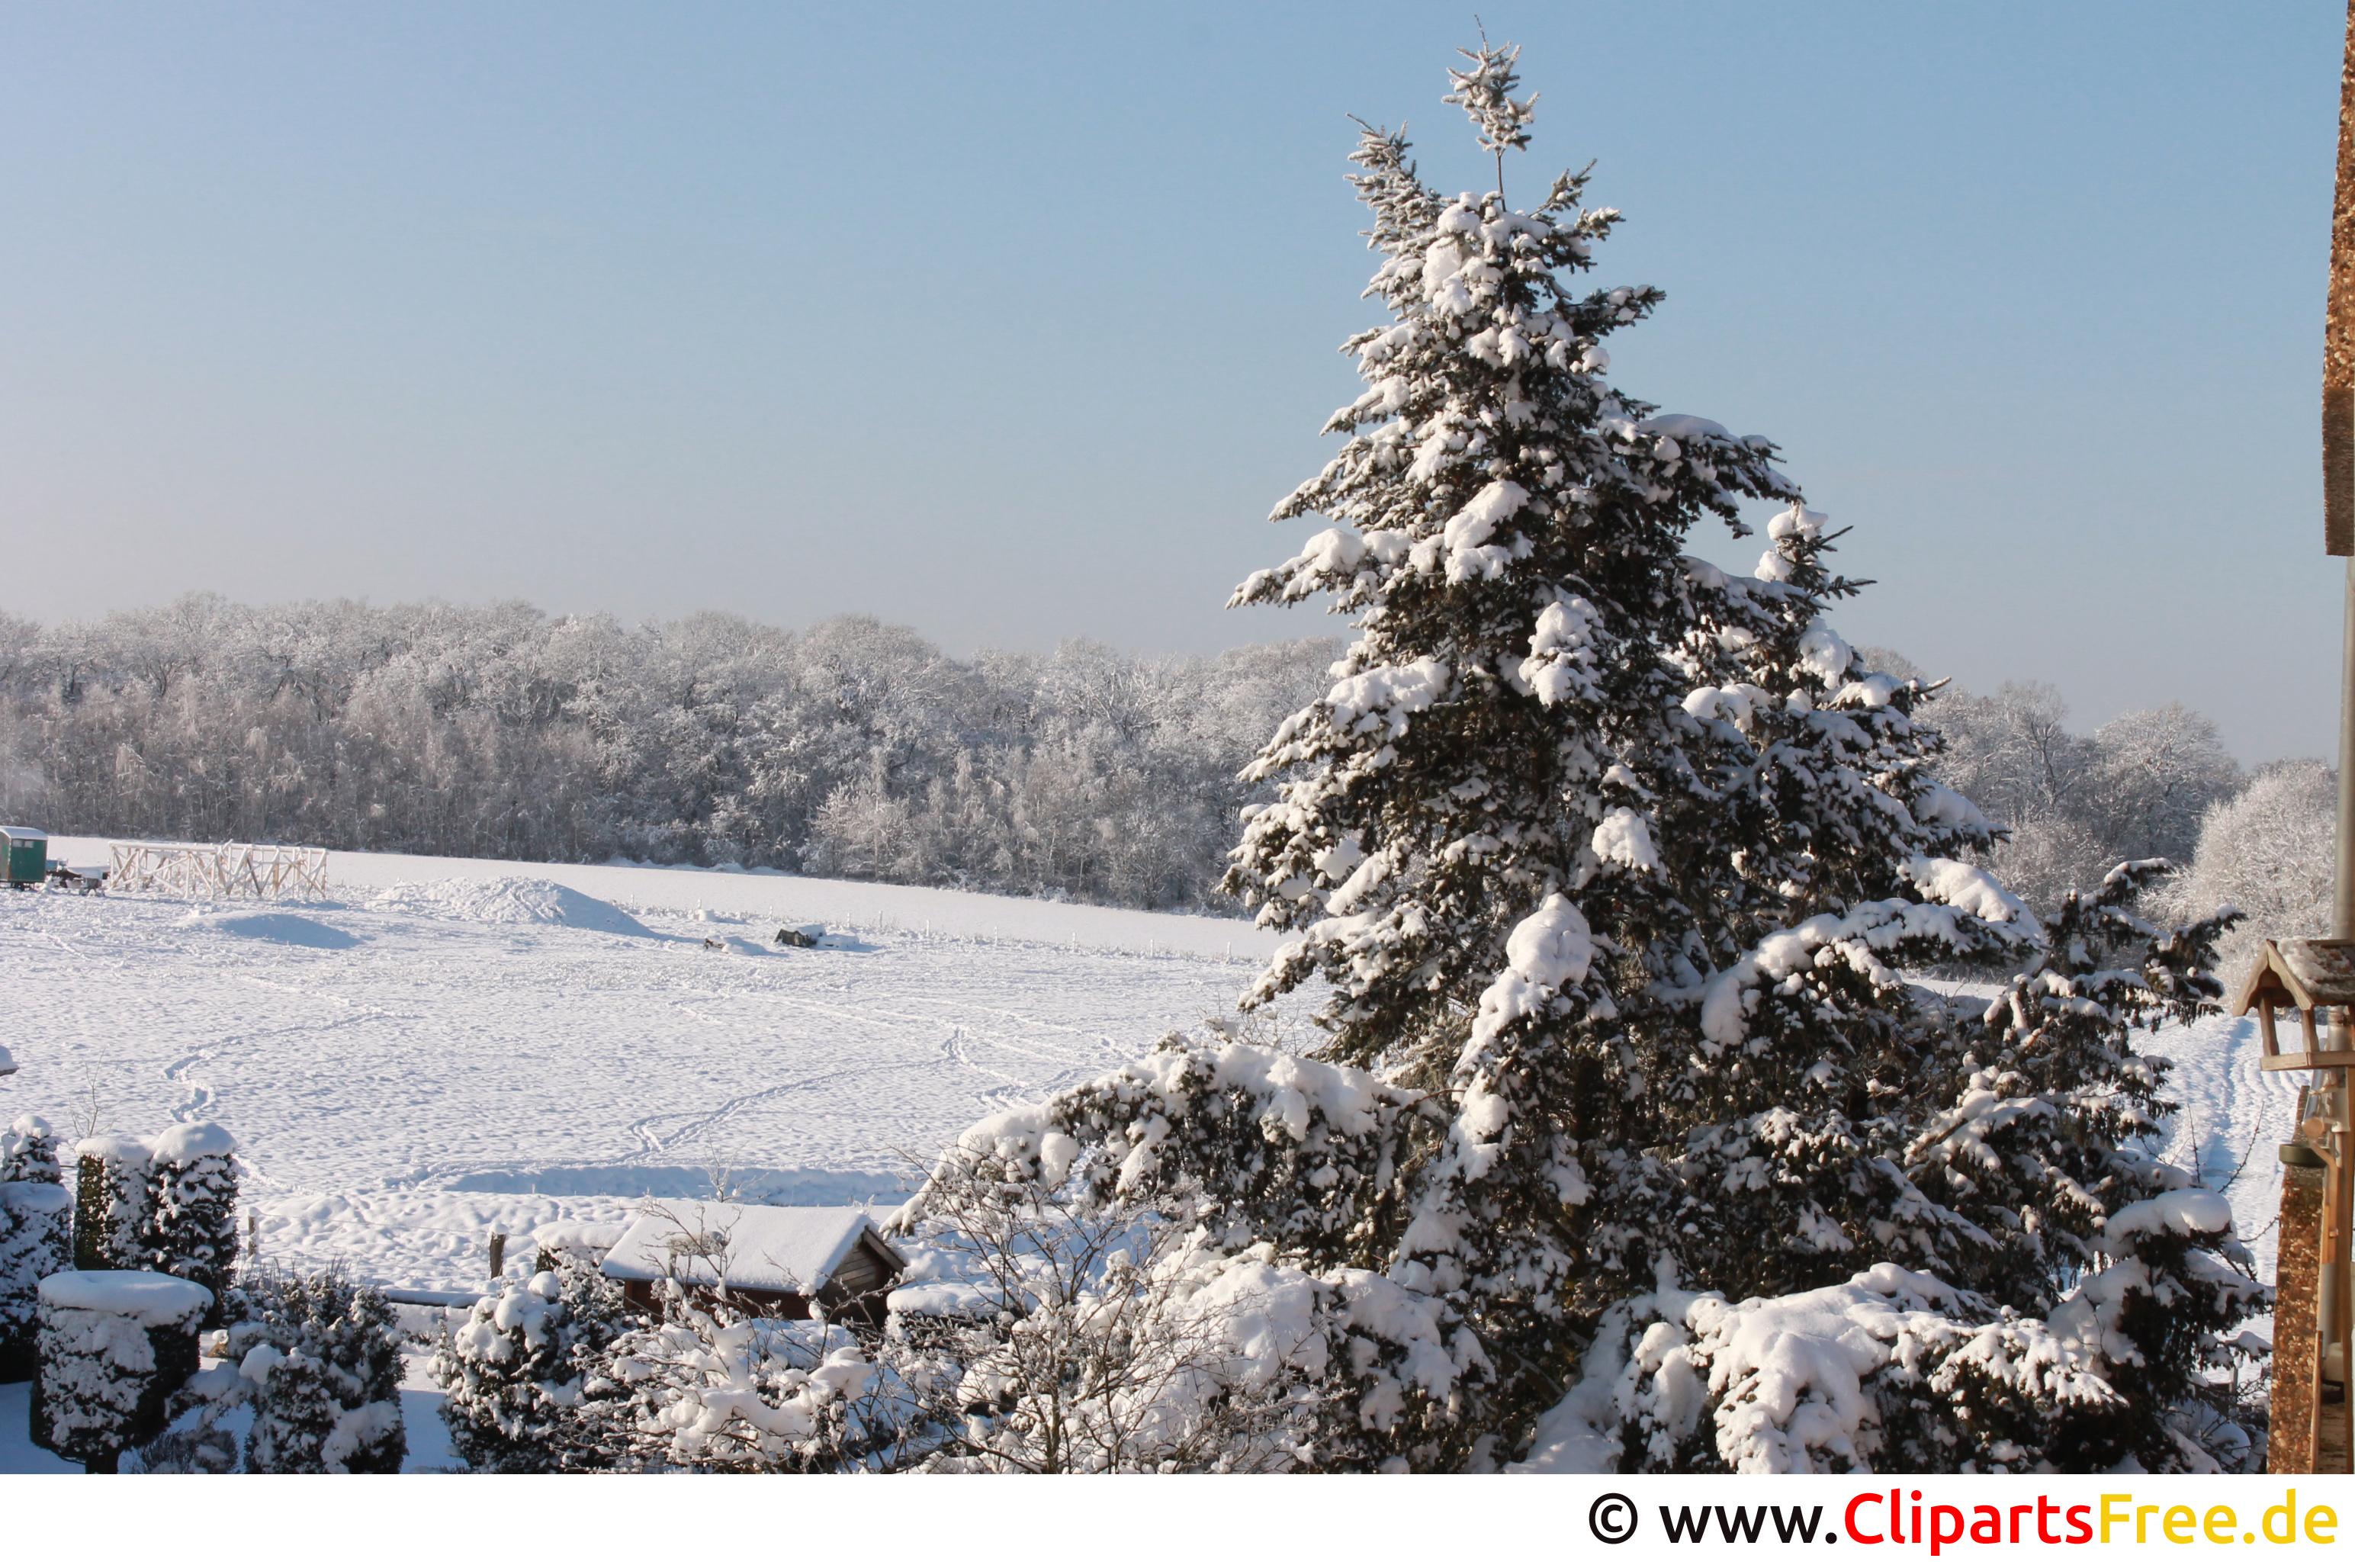 Winterlandschaft schönes Foto zum Thema Winter